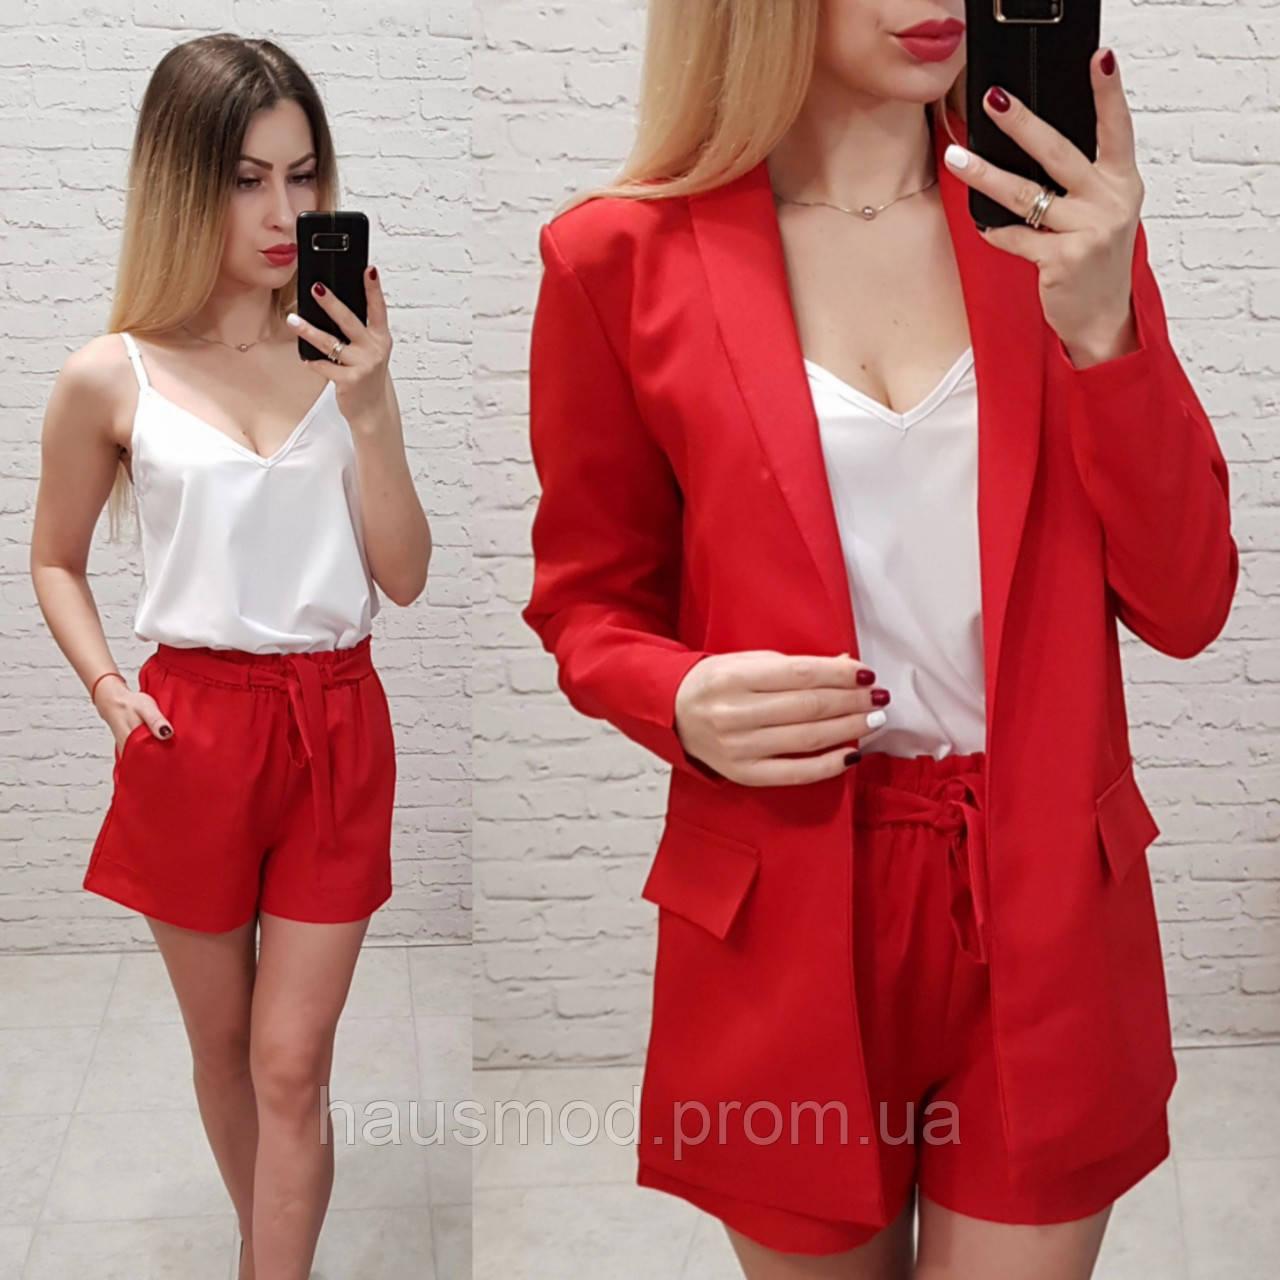 Женский костюм классический тройкаткань габардин софт новинка цвет красный